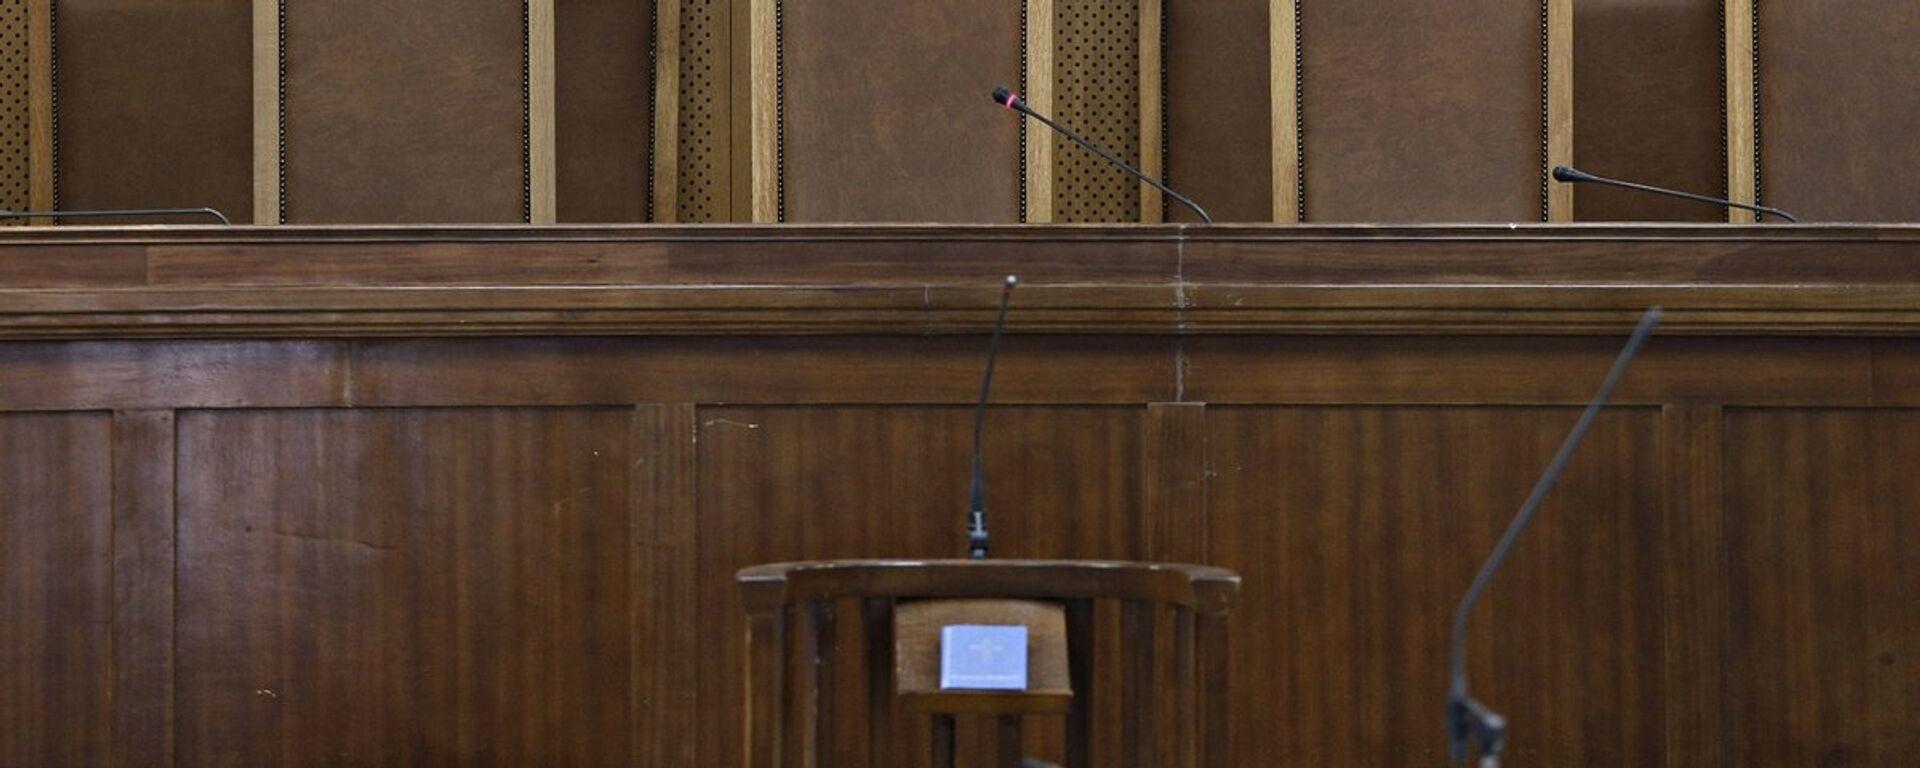 Αίθουσα δικαστηρίου - Sputnik Ελλάδα, 1920, 13.10.2021